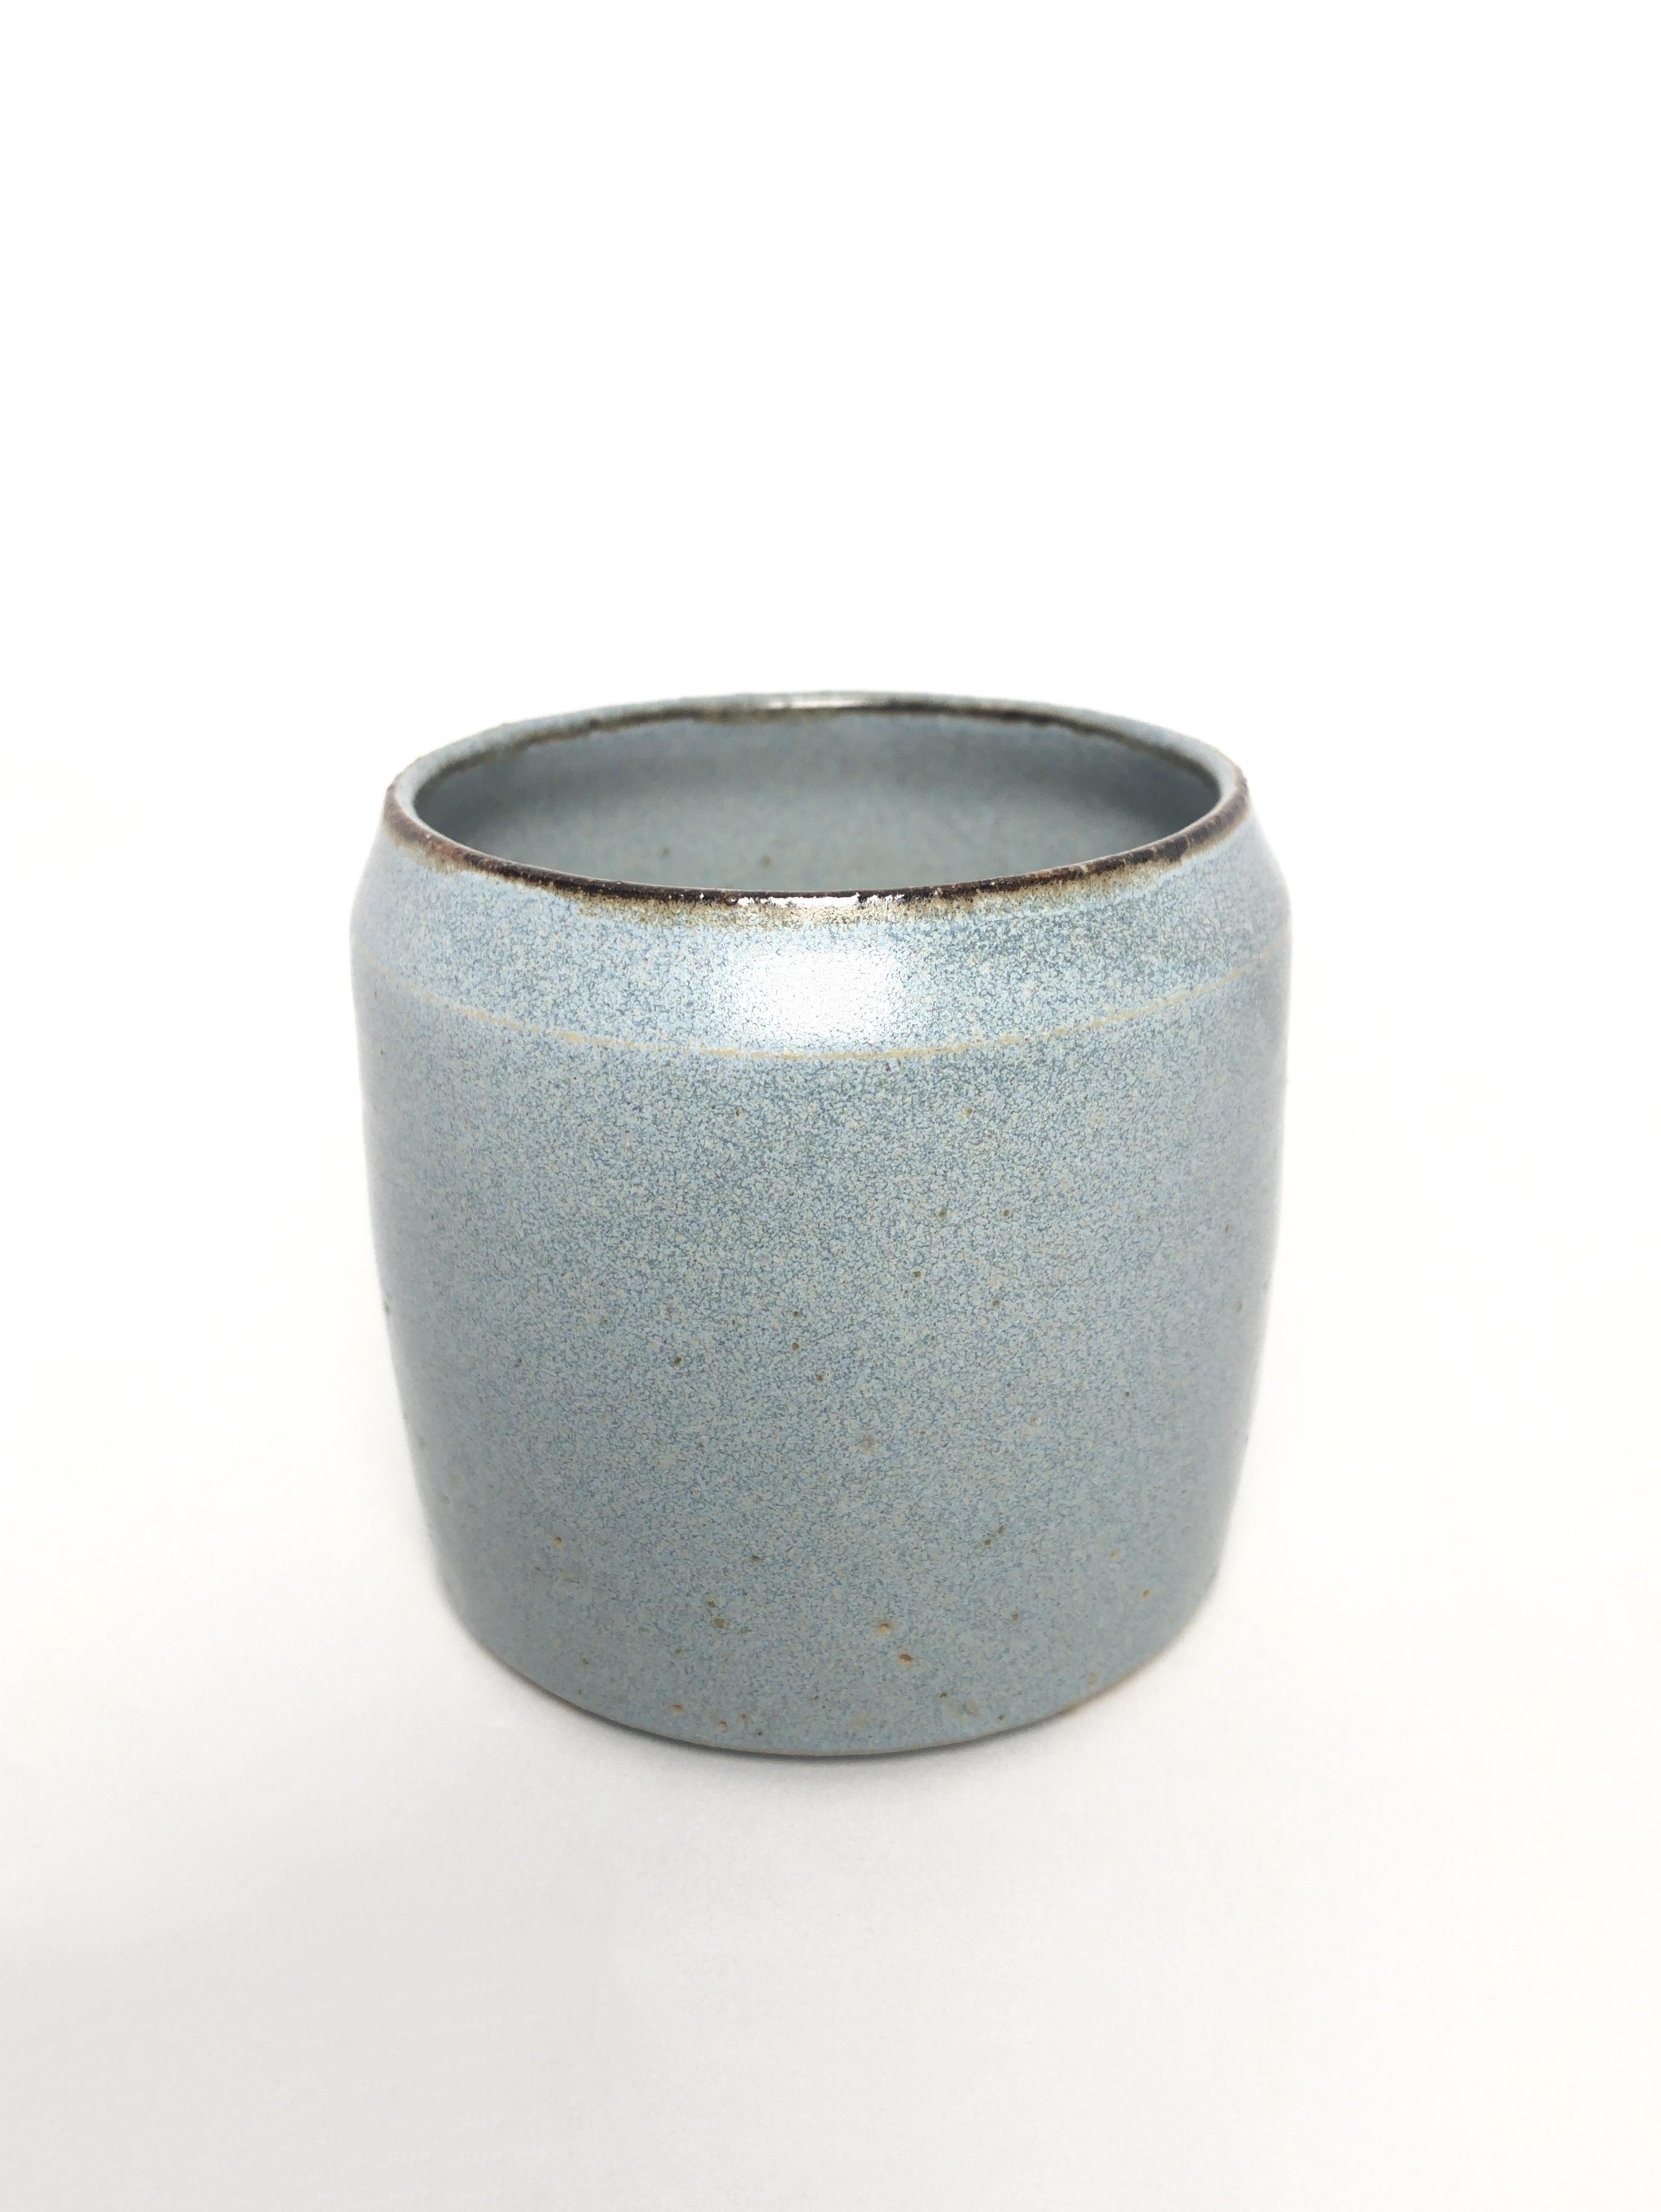 土井康治朗×trigger せとうちブルーS鉄釉